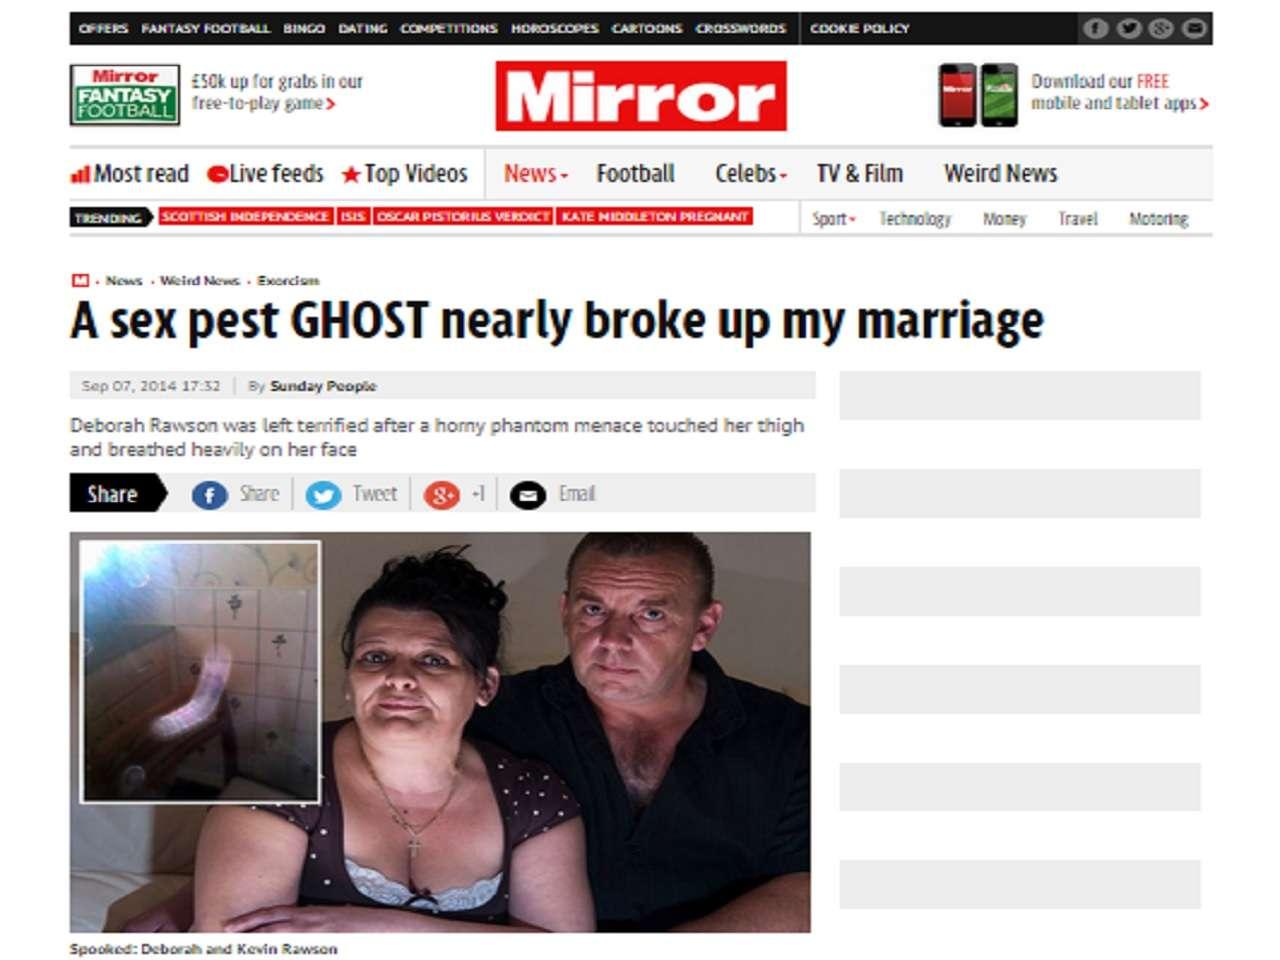 Una mujer identificada como Deborah Rawson aseguró que un fantasma trató de abusar sexualmente de ella. Foto: mirror.co.uk